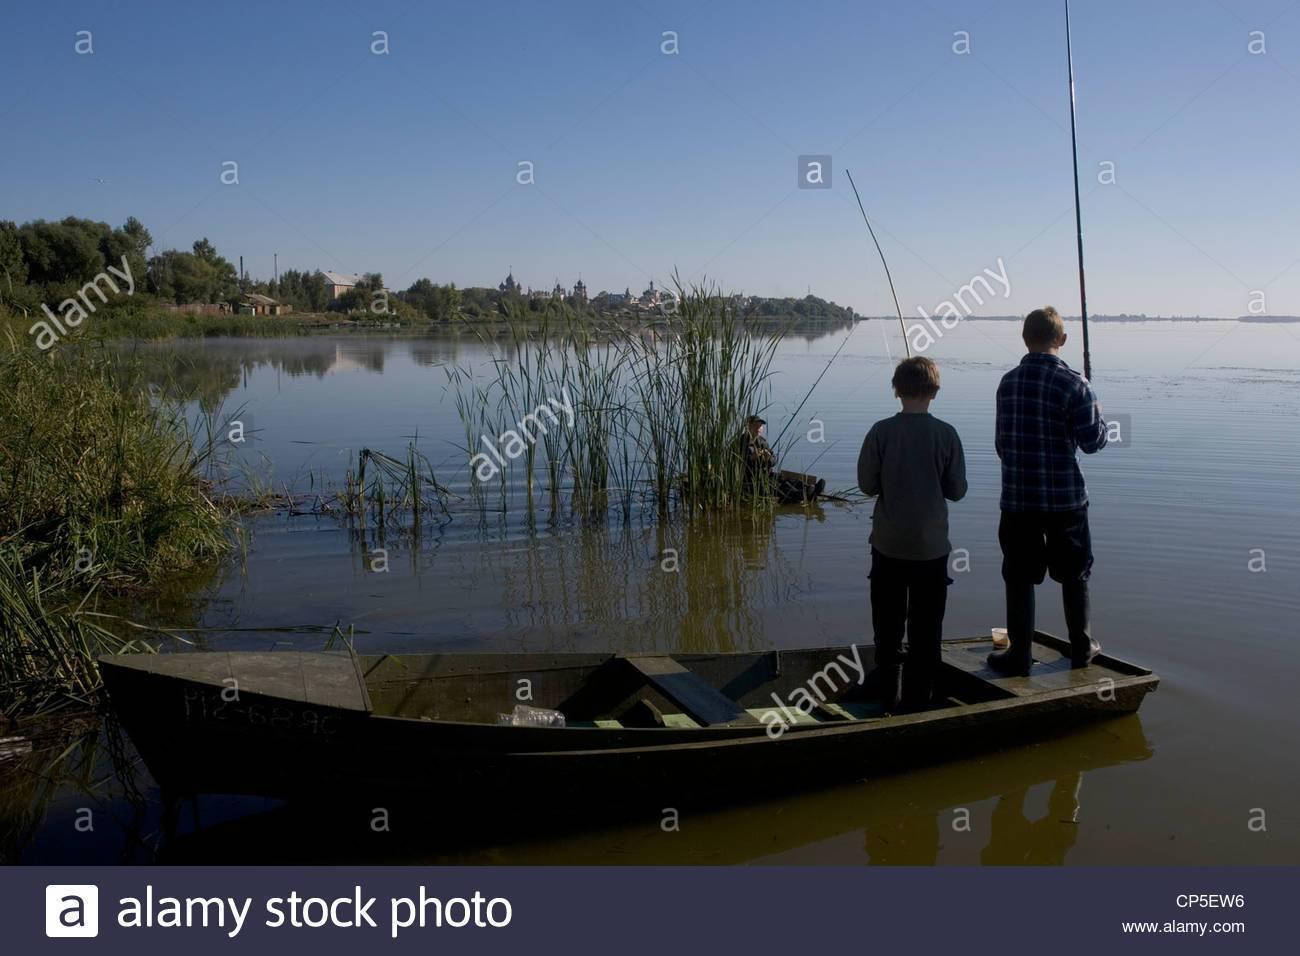 Озеро неро: фото и отзывы туристов. путешествия, отдых